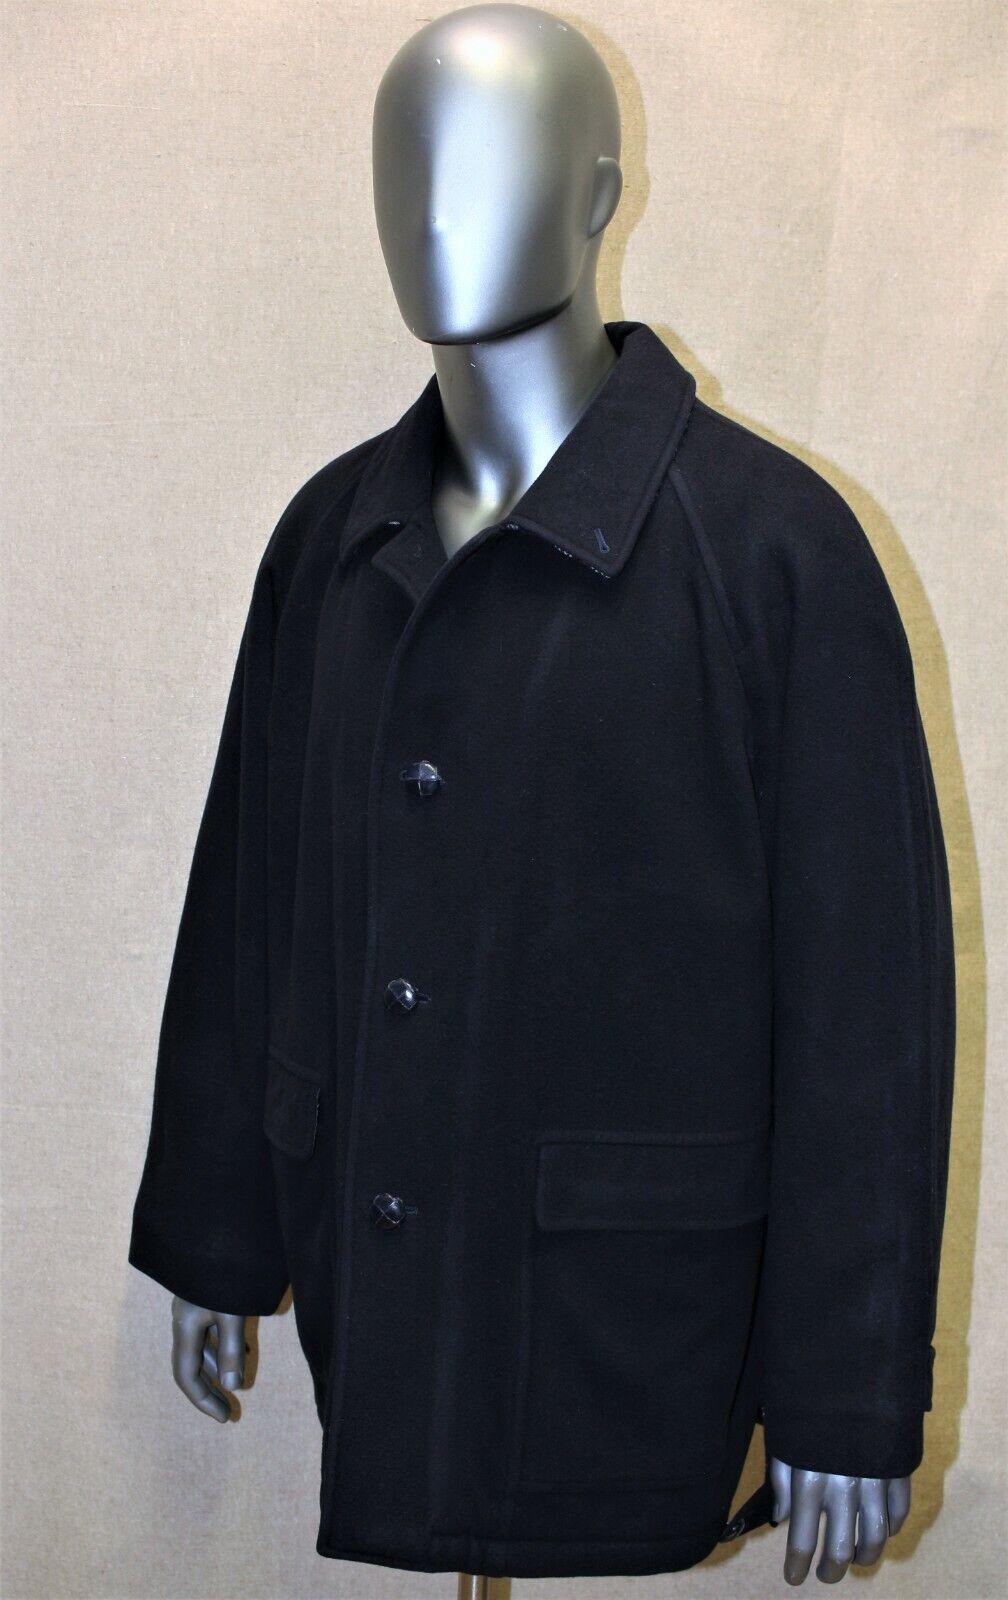 Manteau 3/4 raglan homme burberry's vintage 90's 100% laine bleu marine t 54